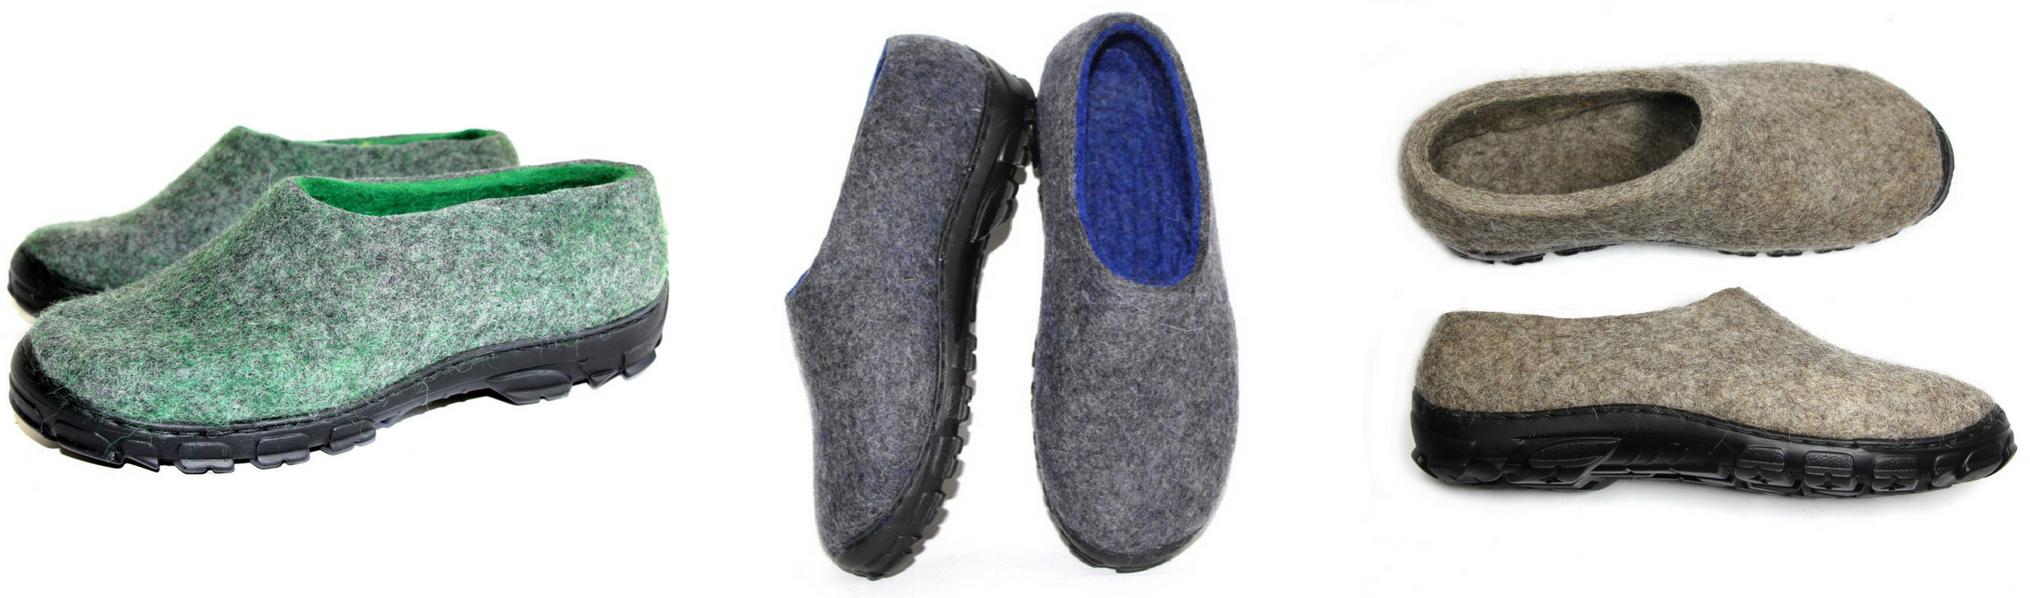 mens loafers tr_crop.jpg